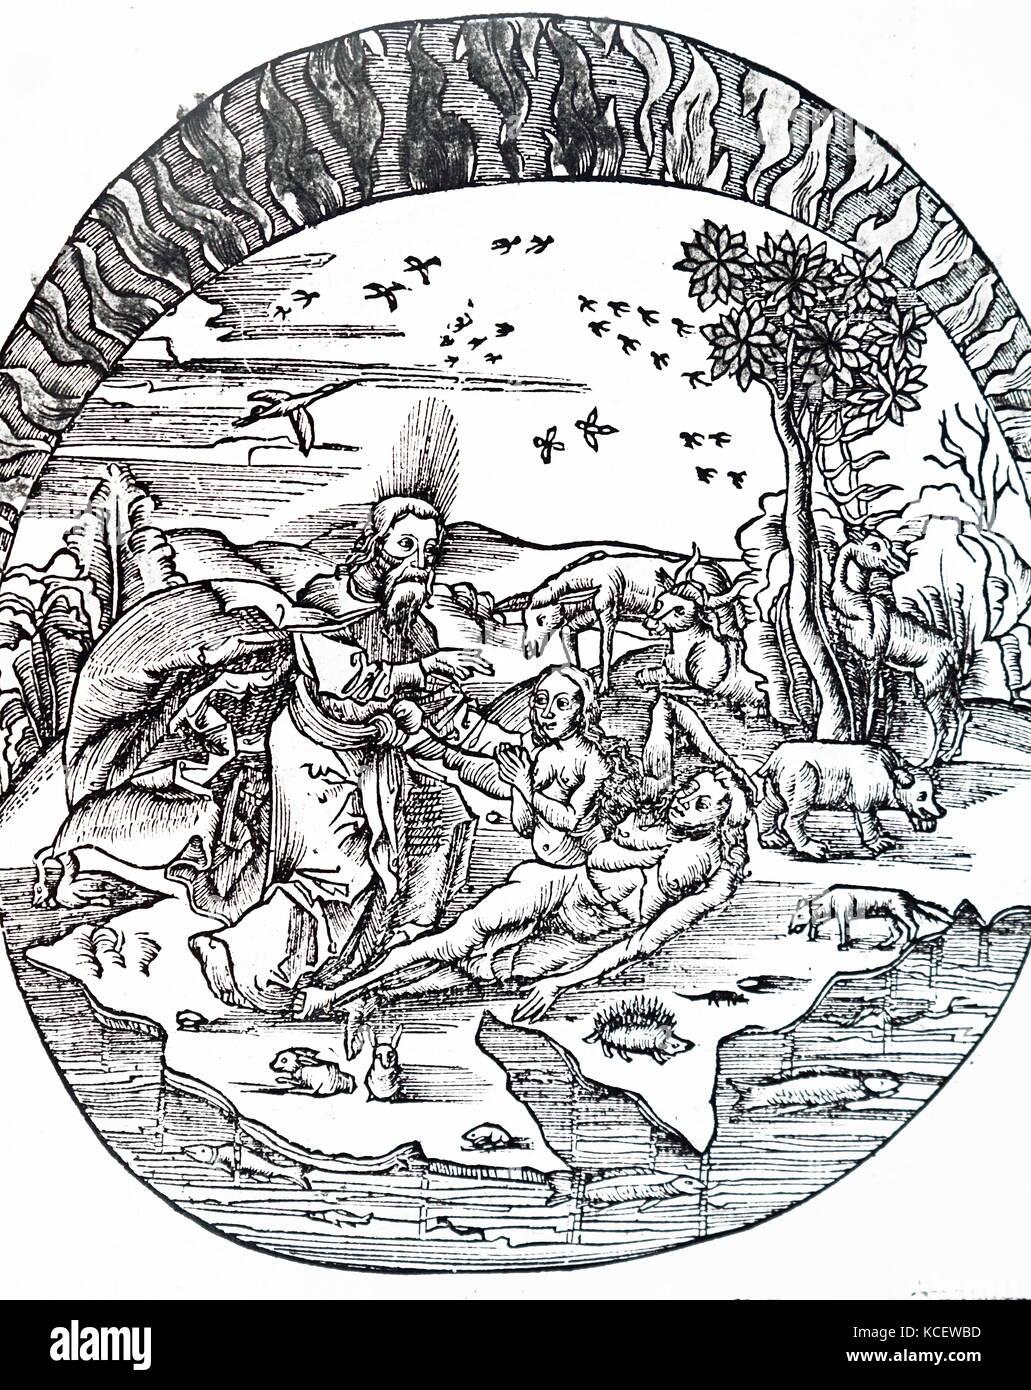 """Abbildung: Darstellung von Thales von Milet"""" Konzept der flachen Erde schweben über Wasser. Thales von Milet, eine Stockfoto"""